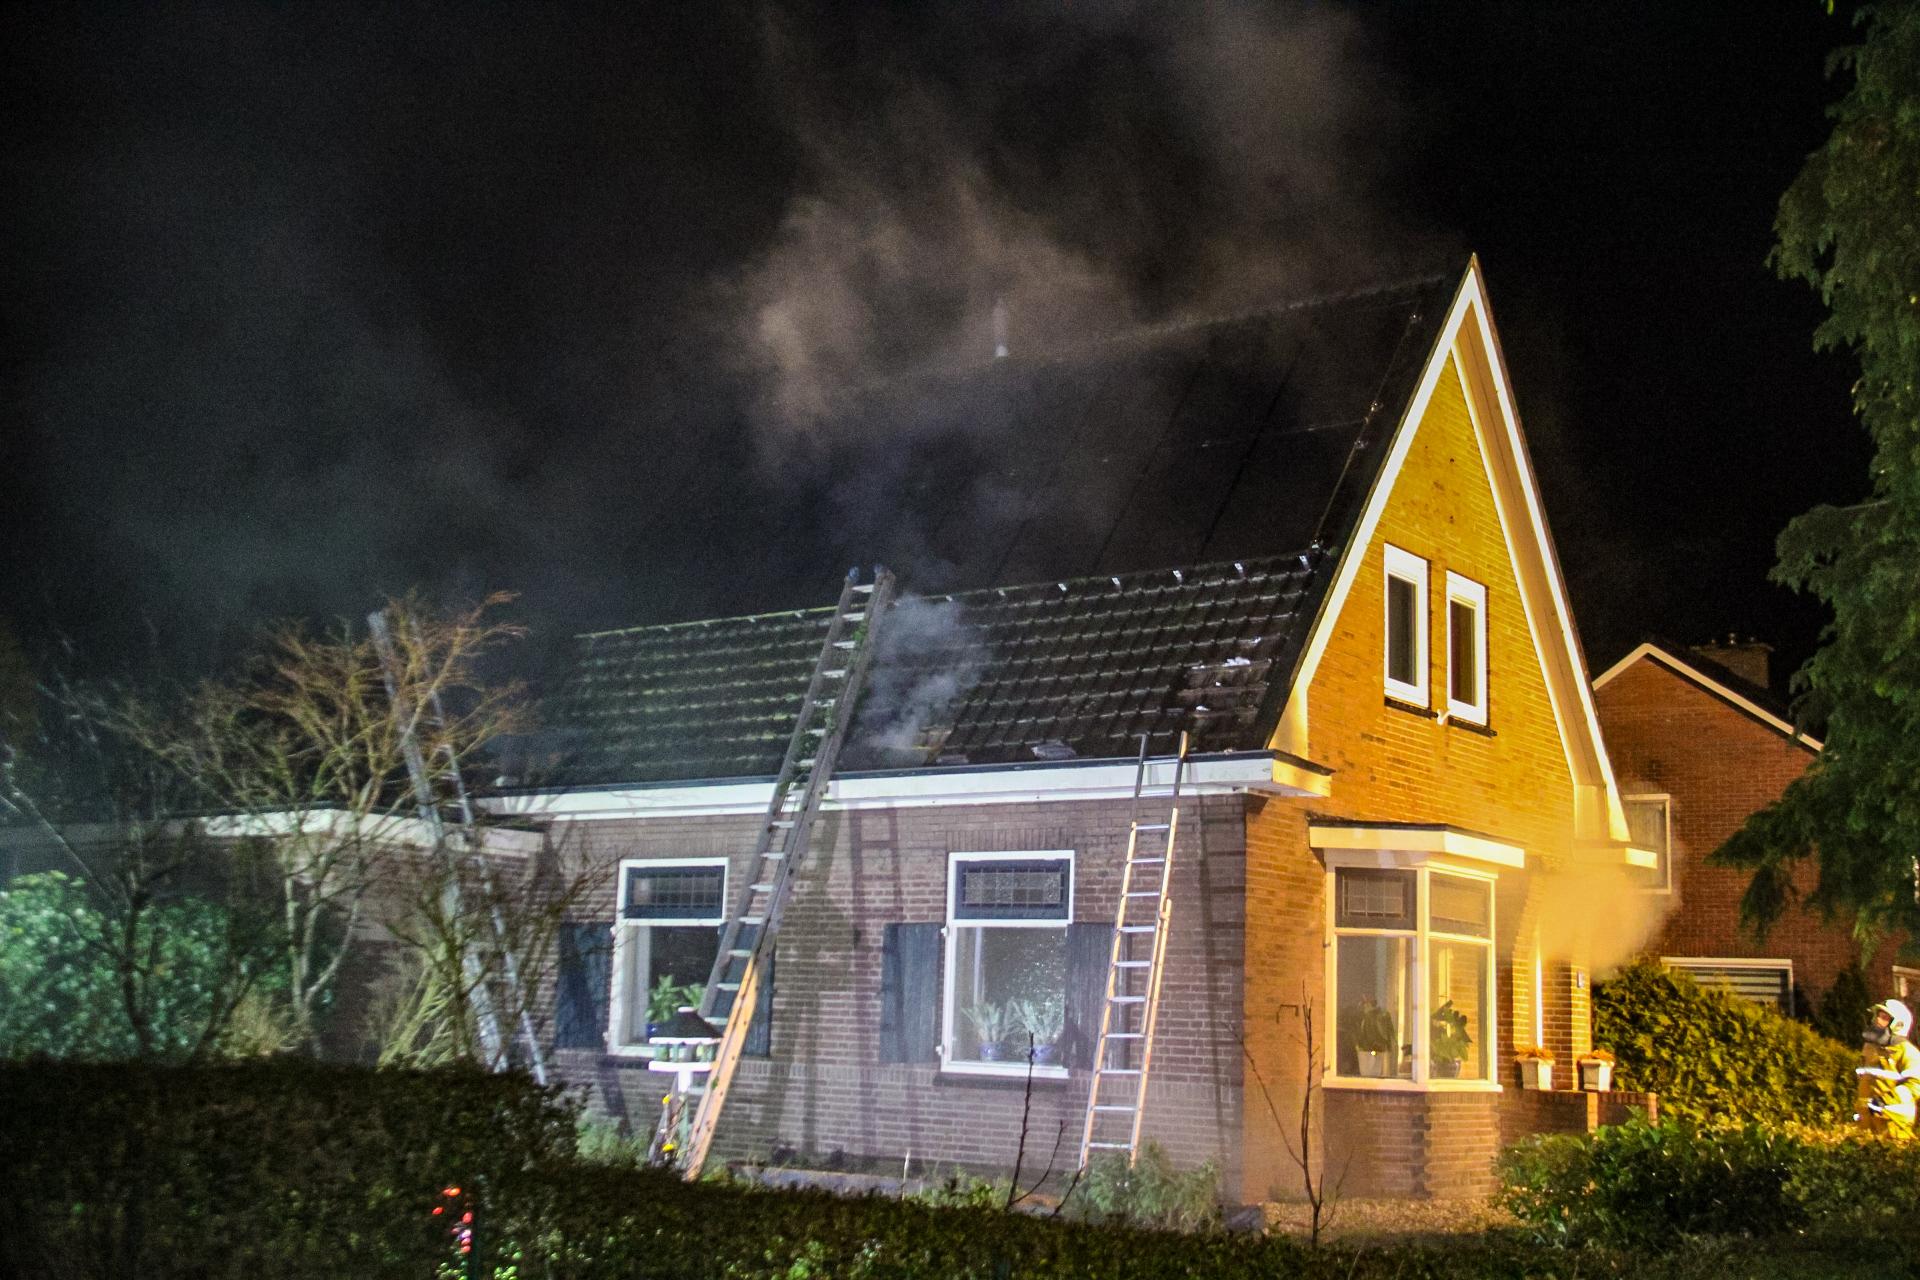 Flinke rookontwikkeling bij brand in Terwolde